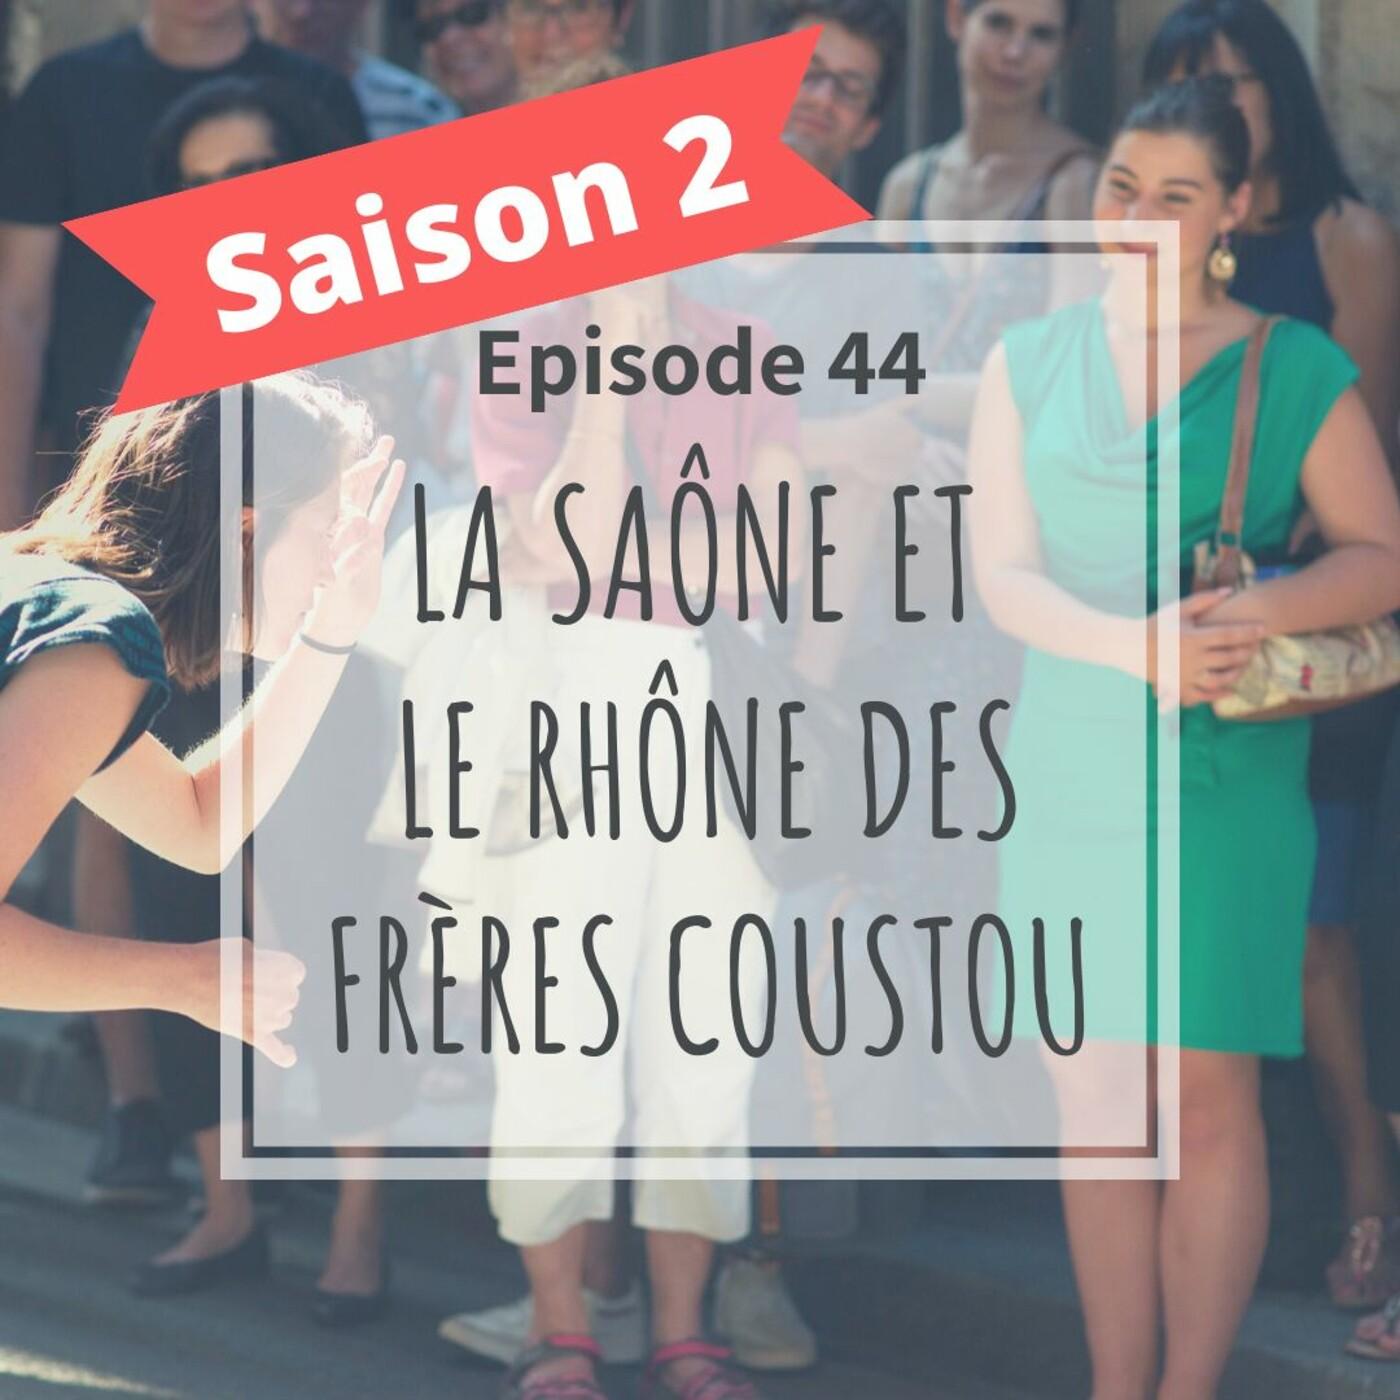 2-44 - La Saône Et Le Rhône Des Frères Coustou